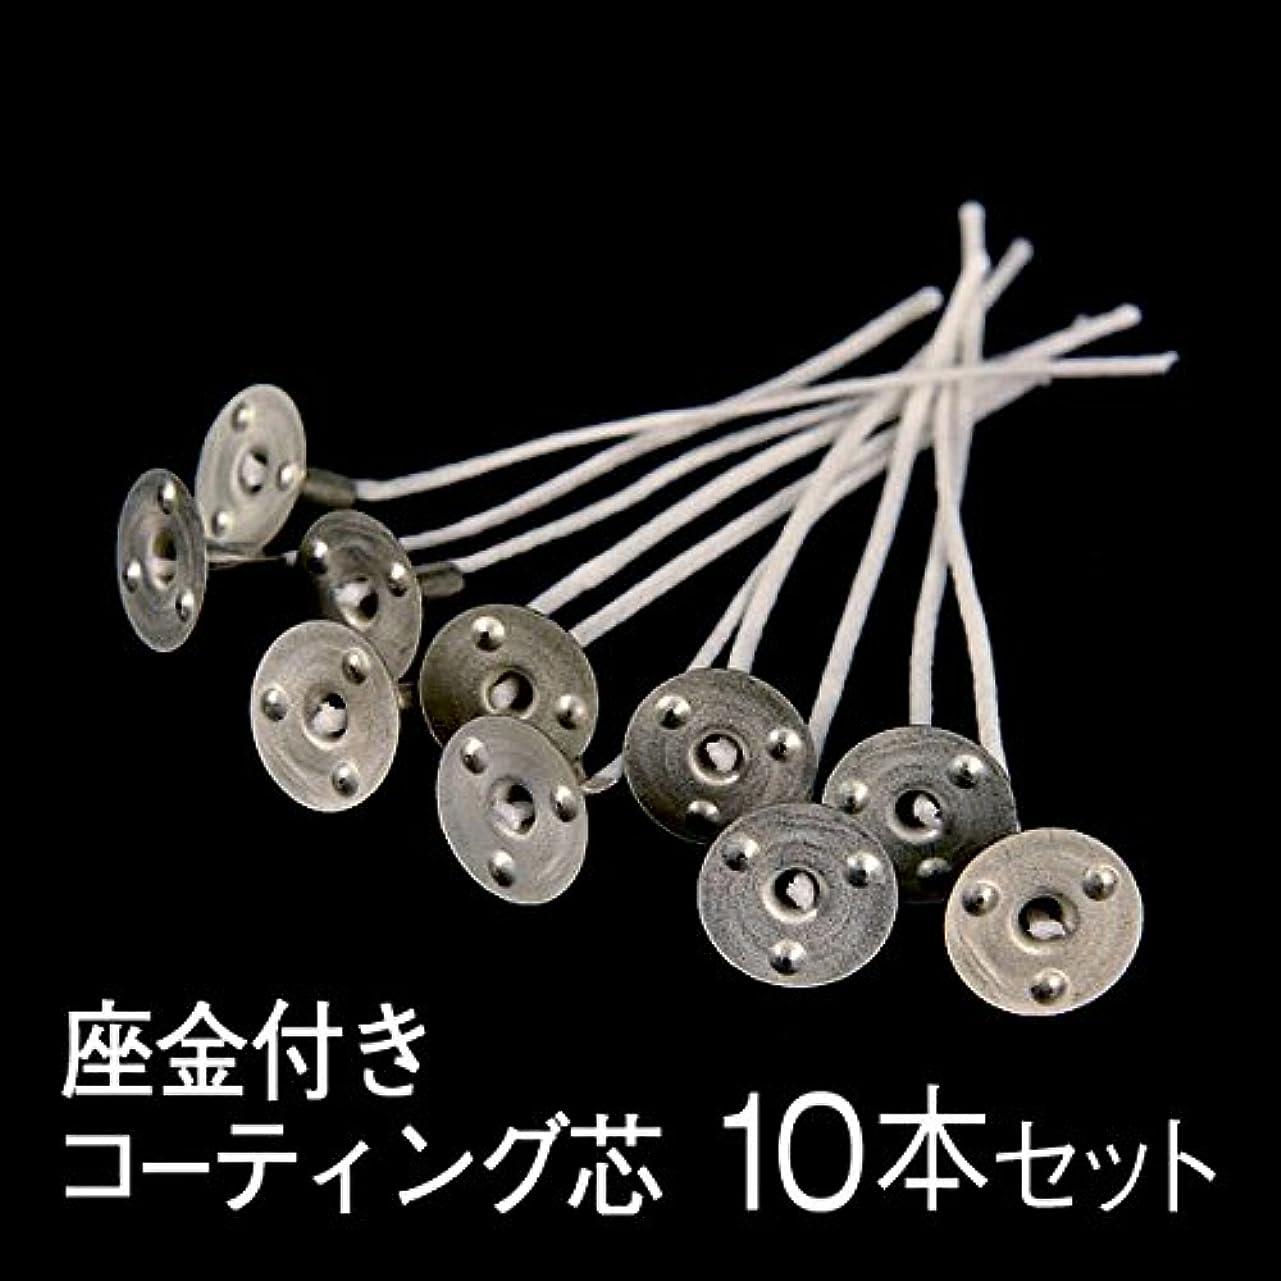 提供されたきょうだい放散する《10本セット》 キャンドル用 座金付きコーティング芯 キャンドル 座金 芯 材料 手作り キット ジェルキャンドル ジェルワックス ソイワックス パラフィン